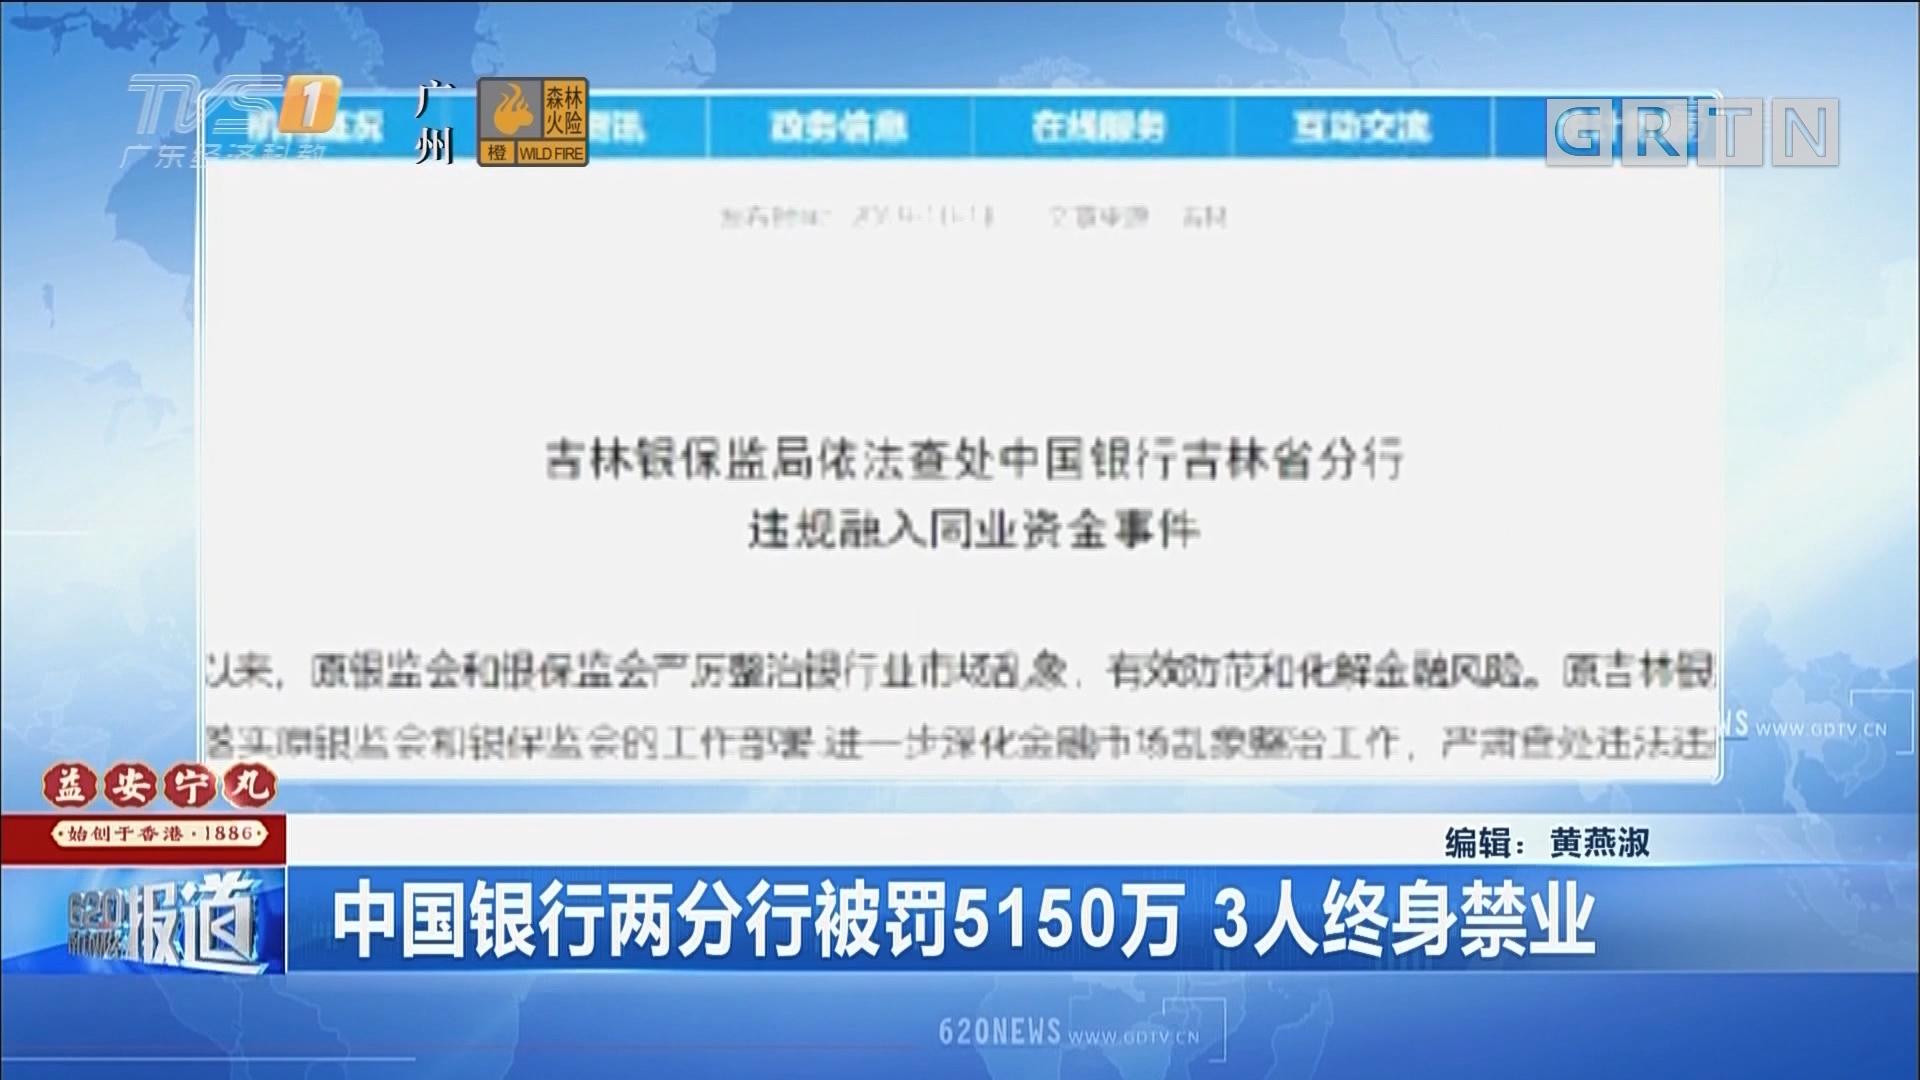 中国银行两分行被罚5150万 3人终身禁业